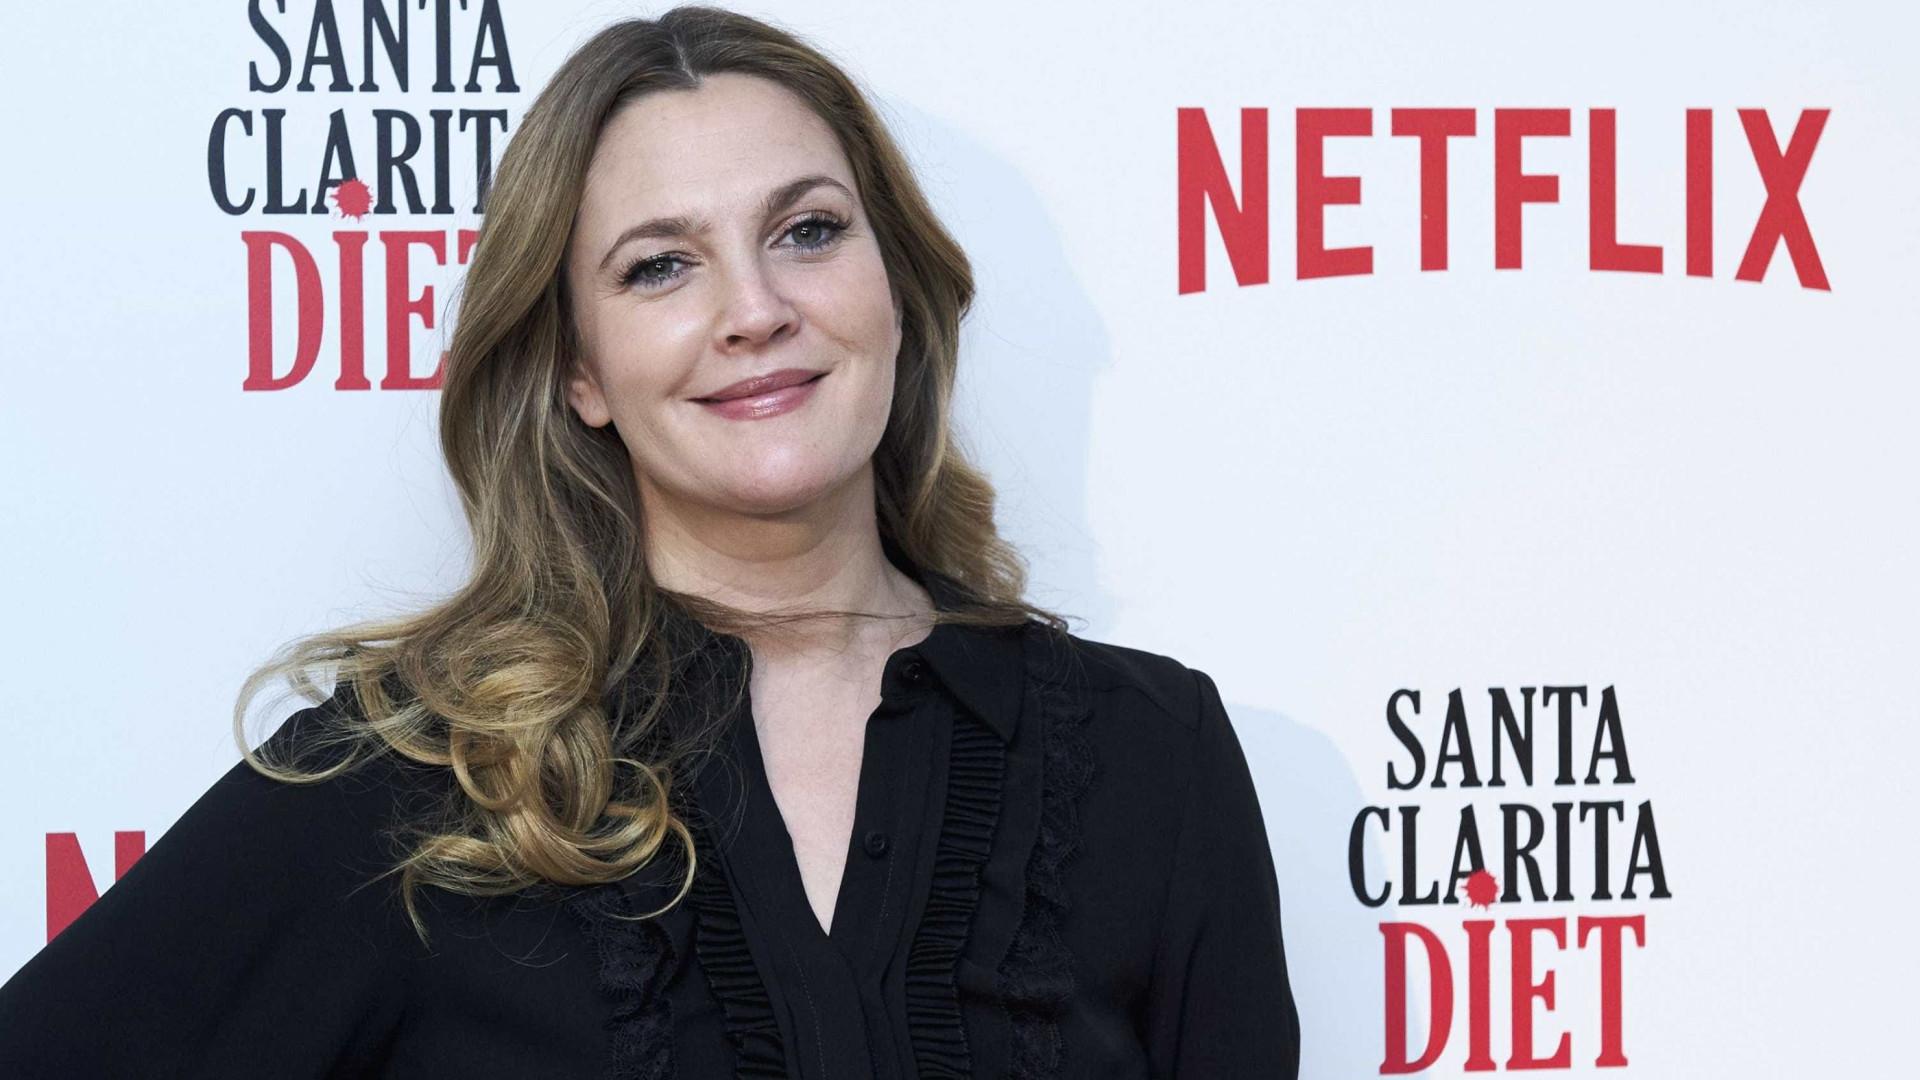 """Fã questiona Drew Barrymore sobre gravidez e ela responde: """"Estou gorda"""""""